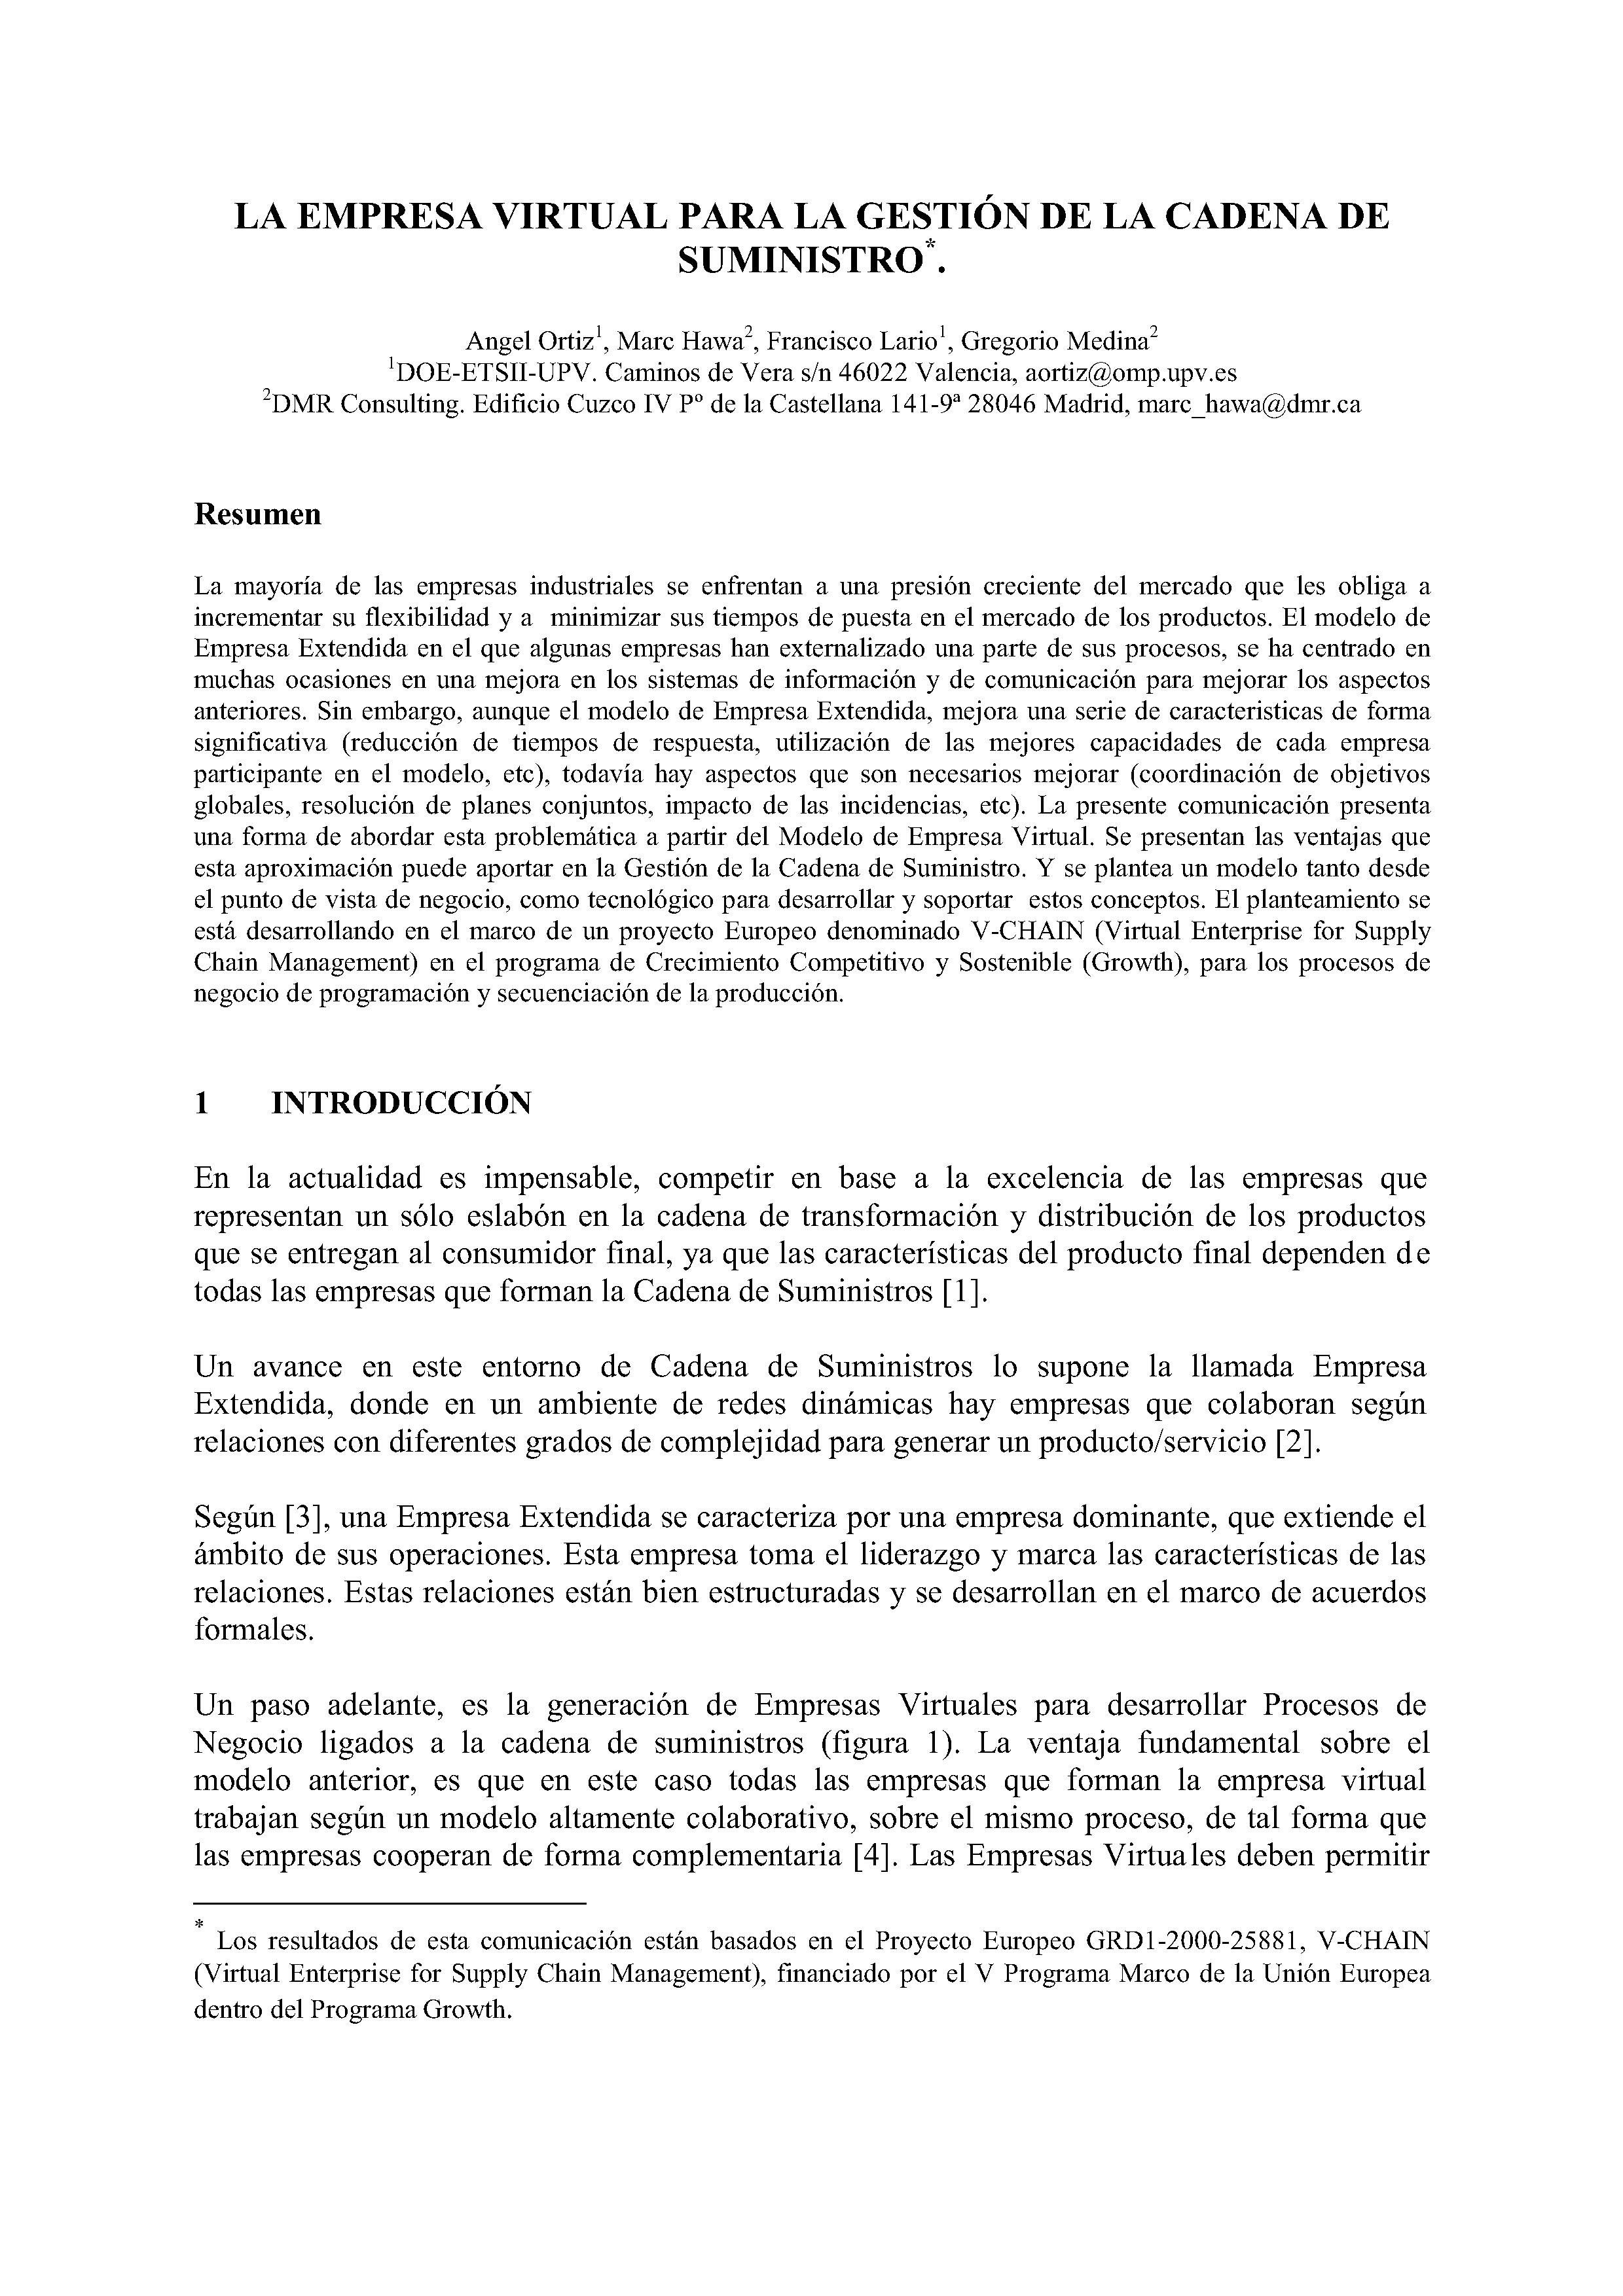 LA EMPRESA VIRTUAL PARA LA GESTIÓN DE LA CADENA DE SUMINISTRO.